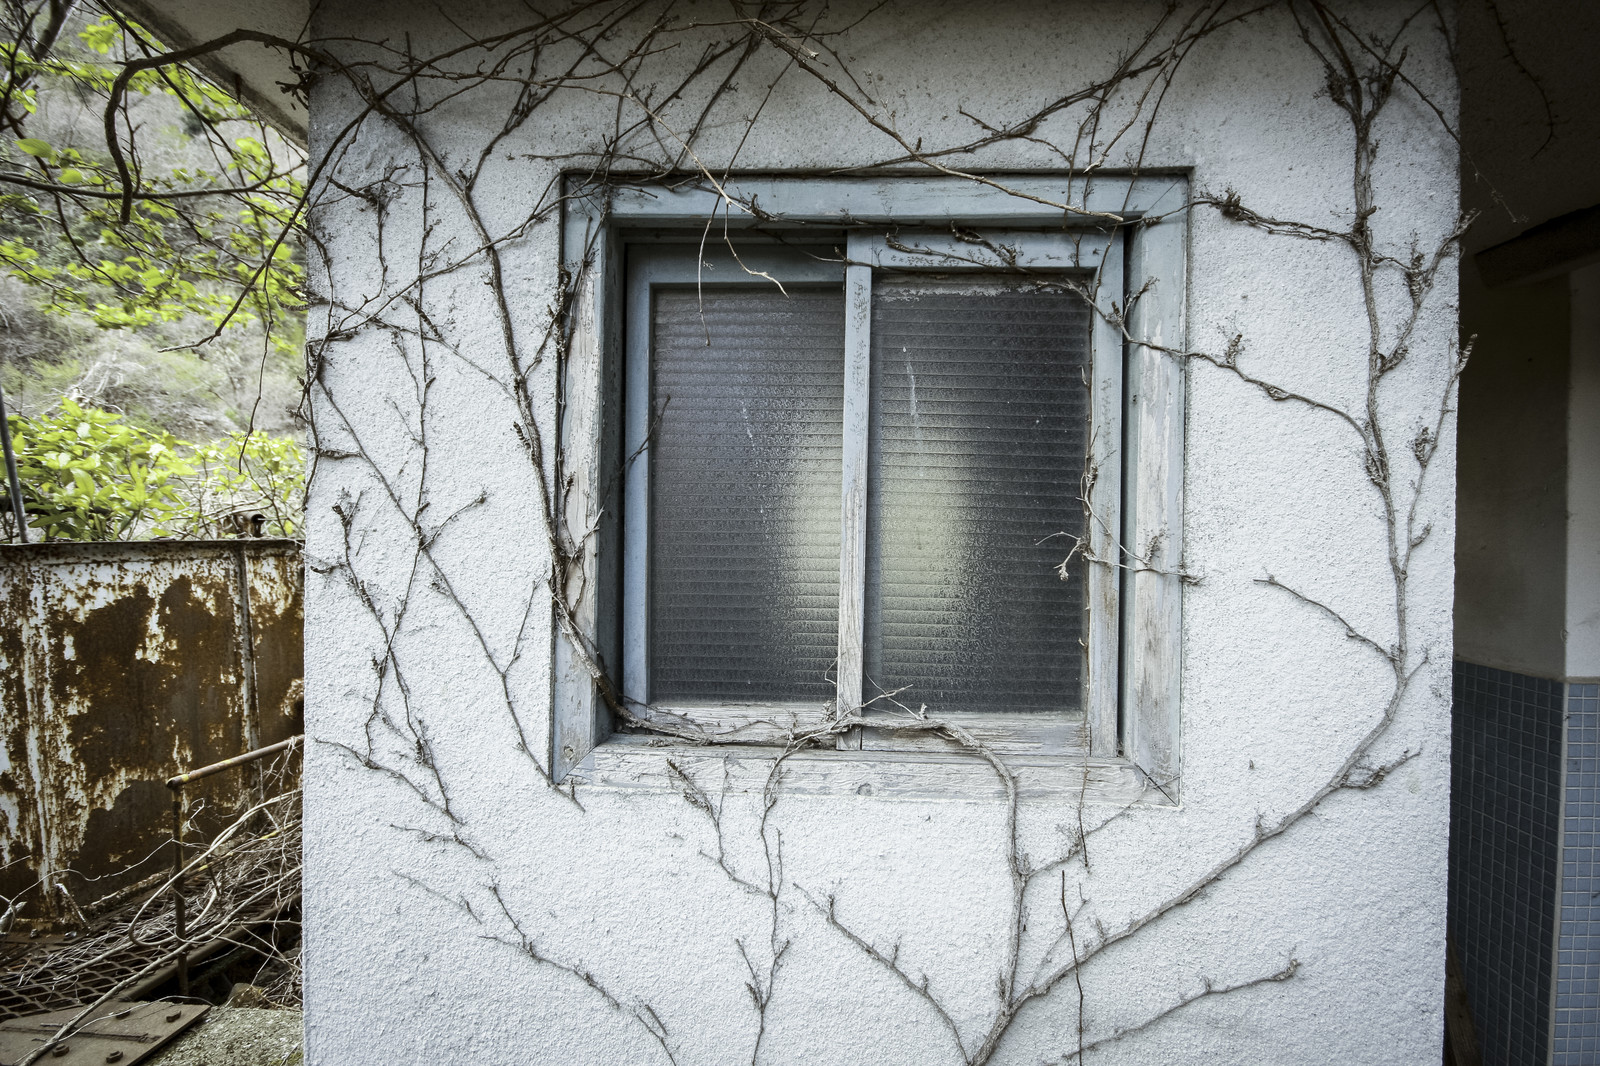 「蔦と不気味な窓、ホラーっぽい建物蔦と不気味な窓、ホラーっぽい建物」のフリー写真素材を拡大